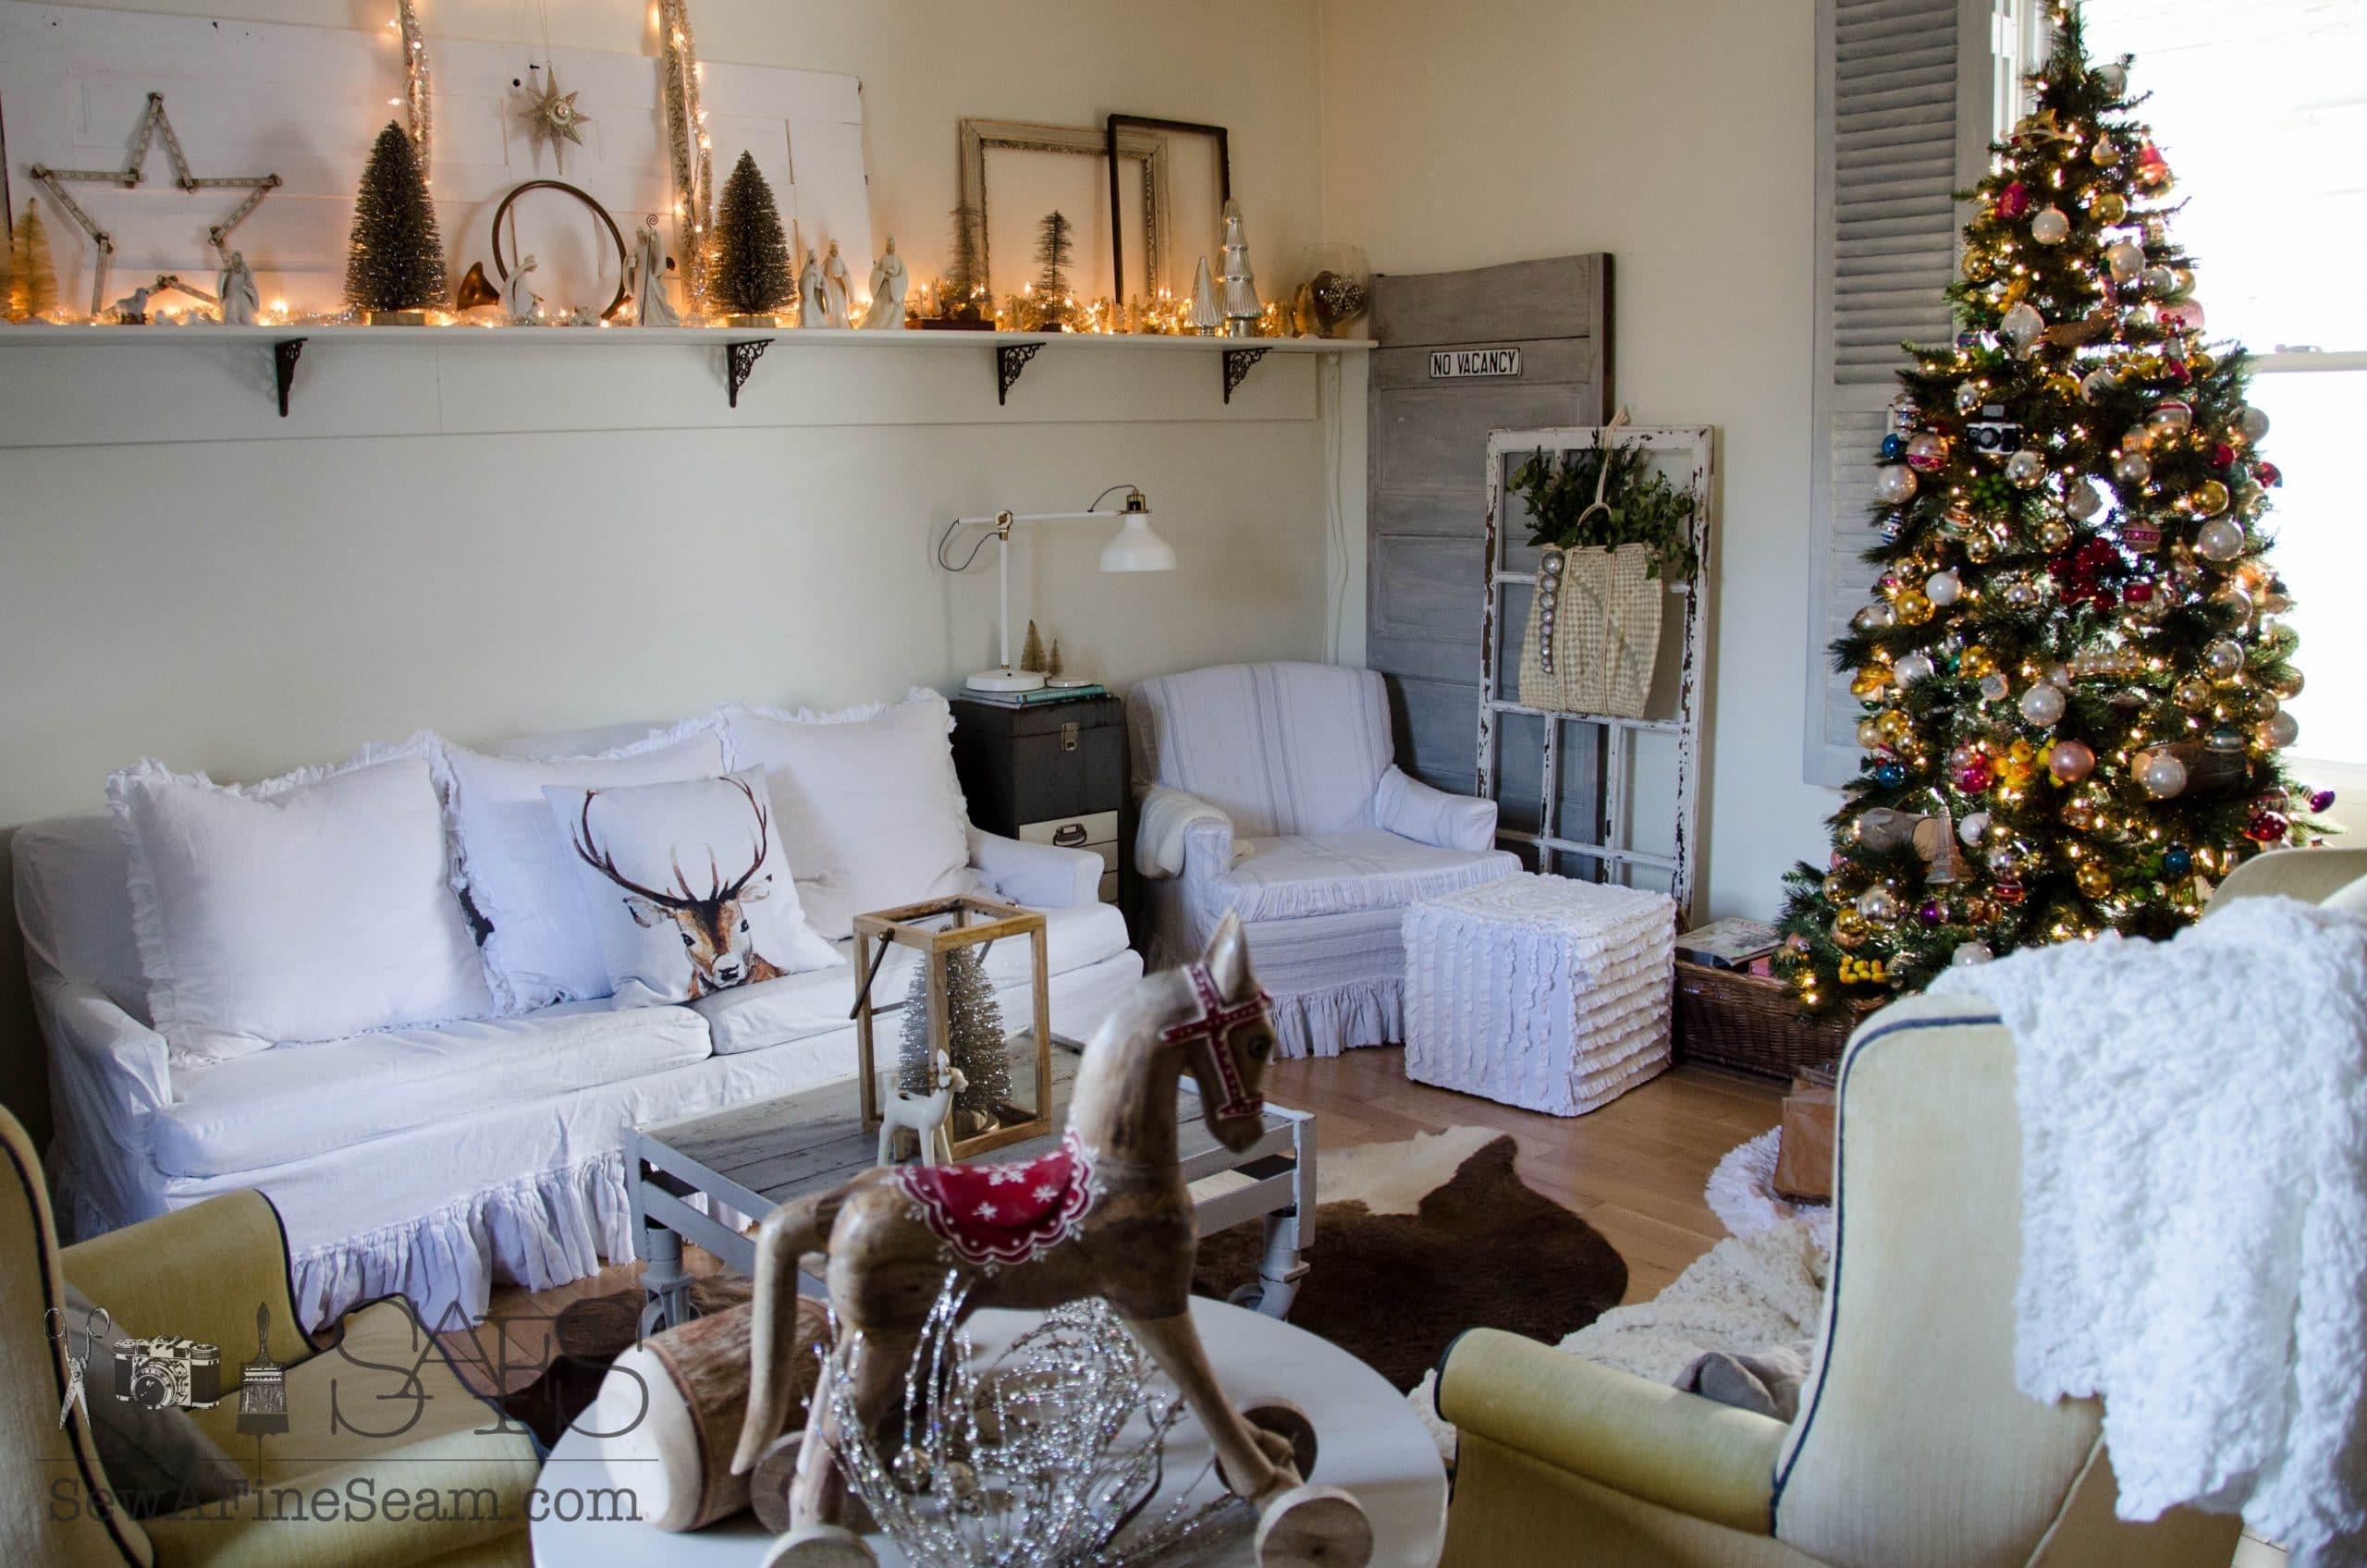 christmas house tour 2014 (6 of 71) & Christmas House Tour | Sew a Fine Seam